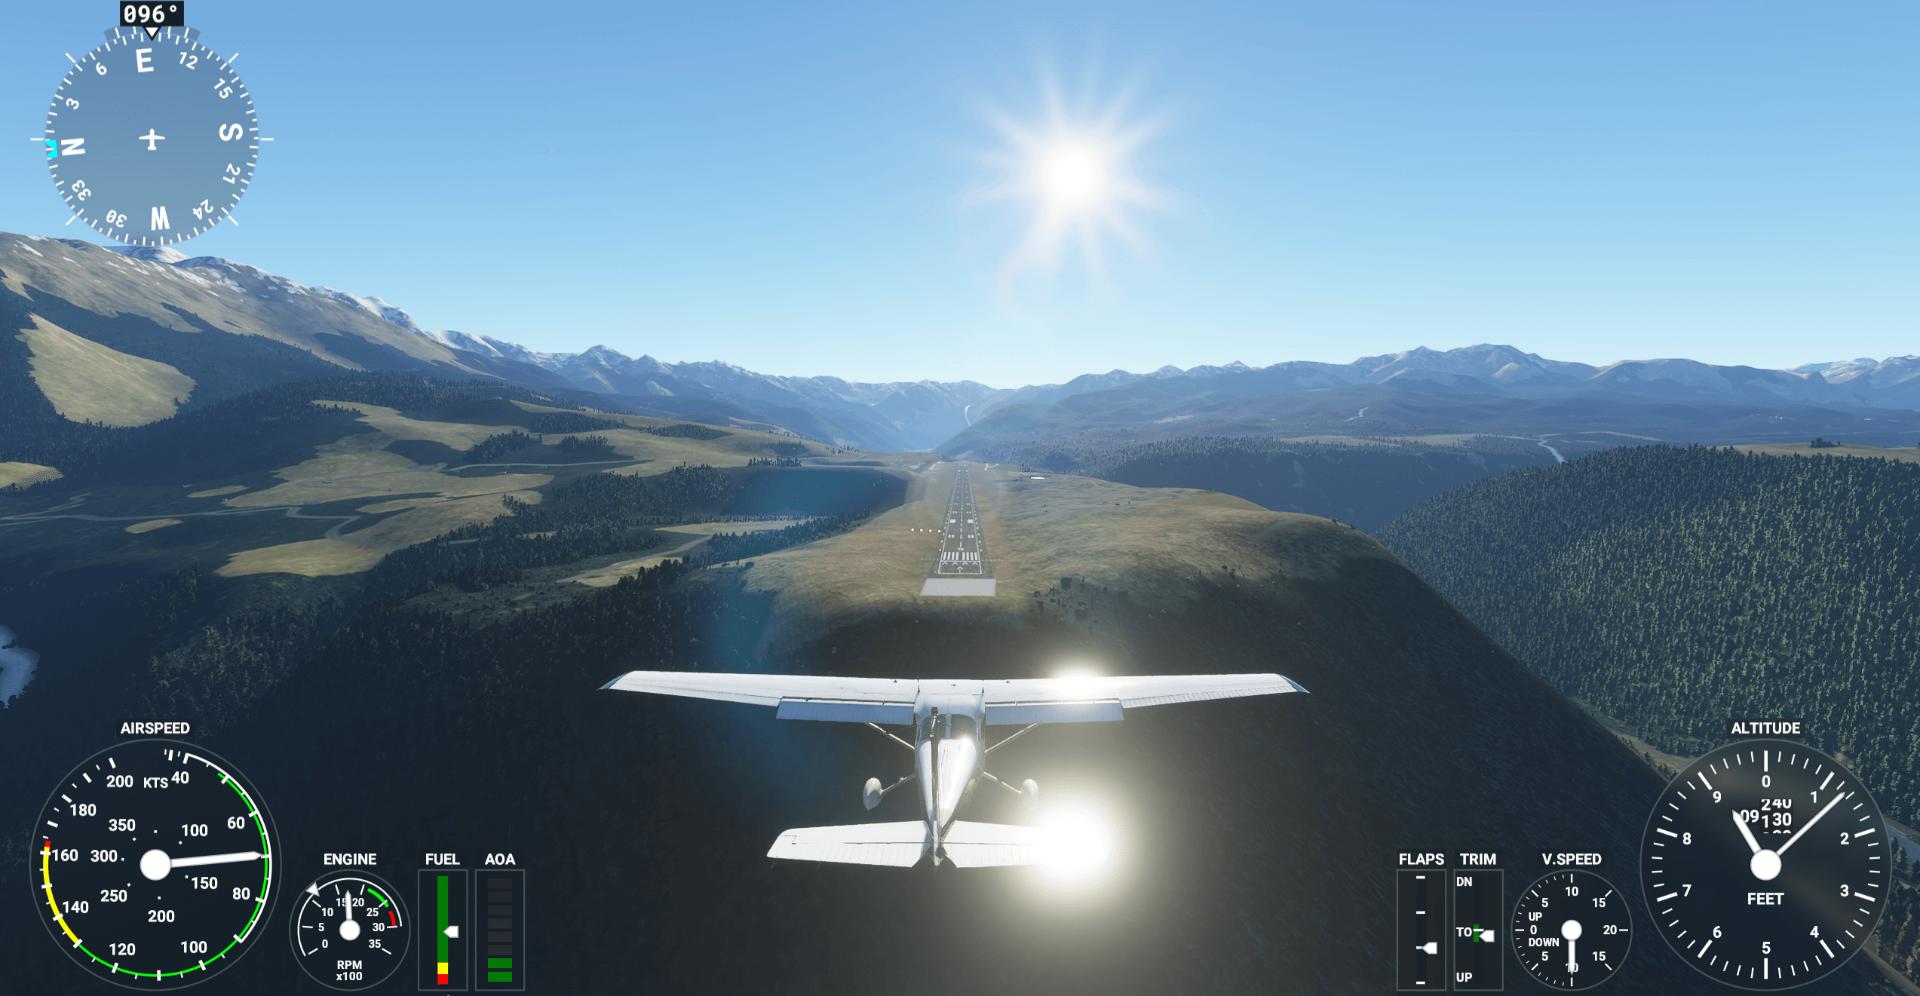 flight simulator heading image